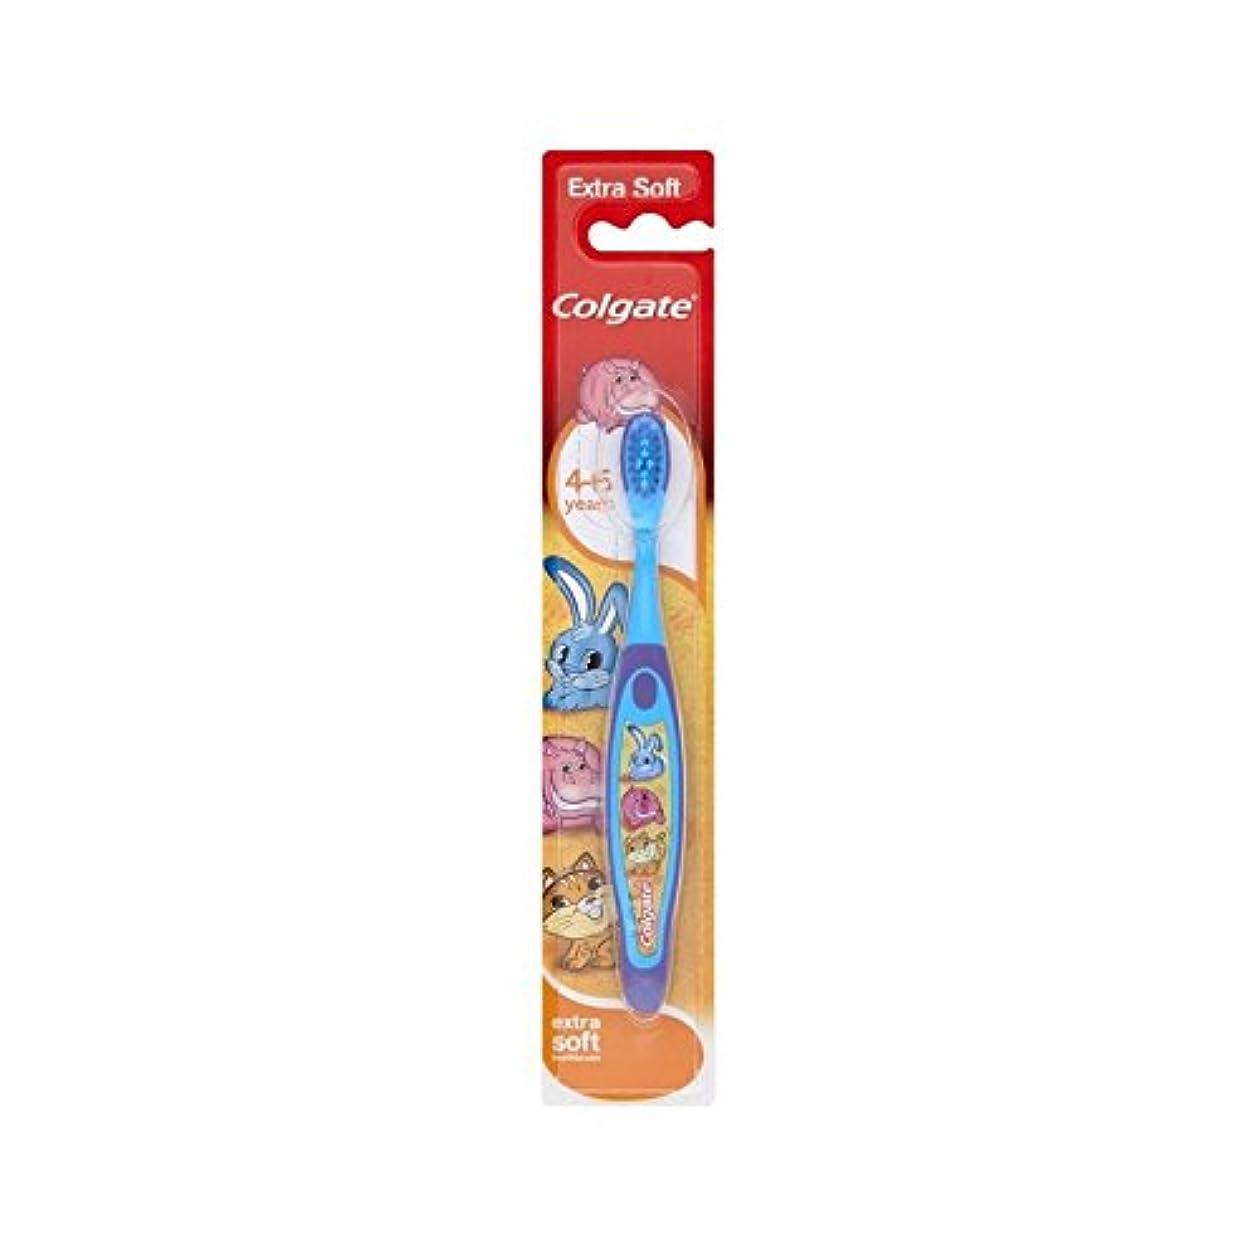 ショットこんにちはスタッフ4-6歳の歯ブラシを笑顔 (Colgate) - Colgate Smiles 4-6 Years Old Toothbrush [並行輸入品]